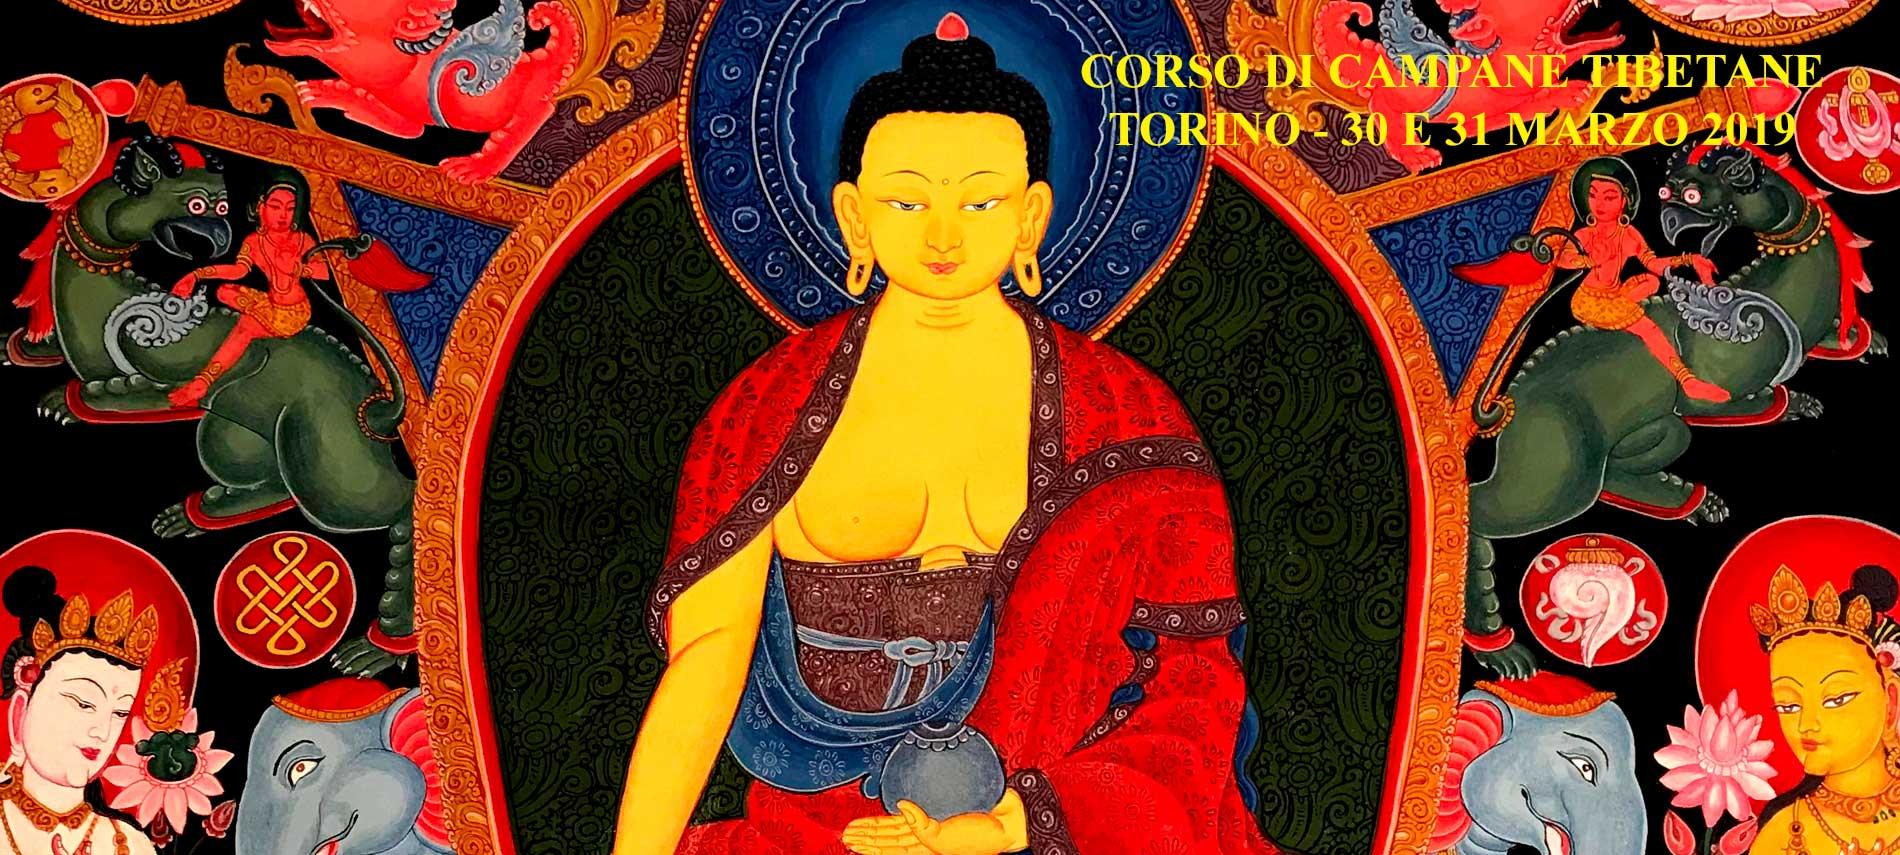 Corso di Campane Tibetane - Torino - 30 e 31 marzo 2019 - Sono aperte le iscrizioni